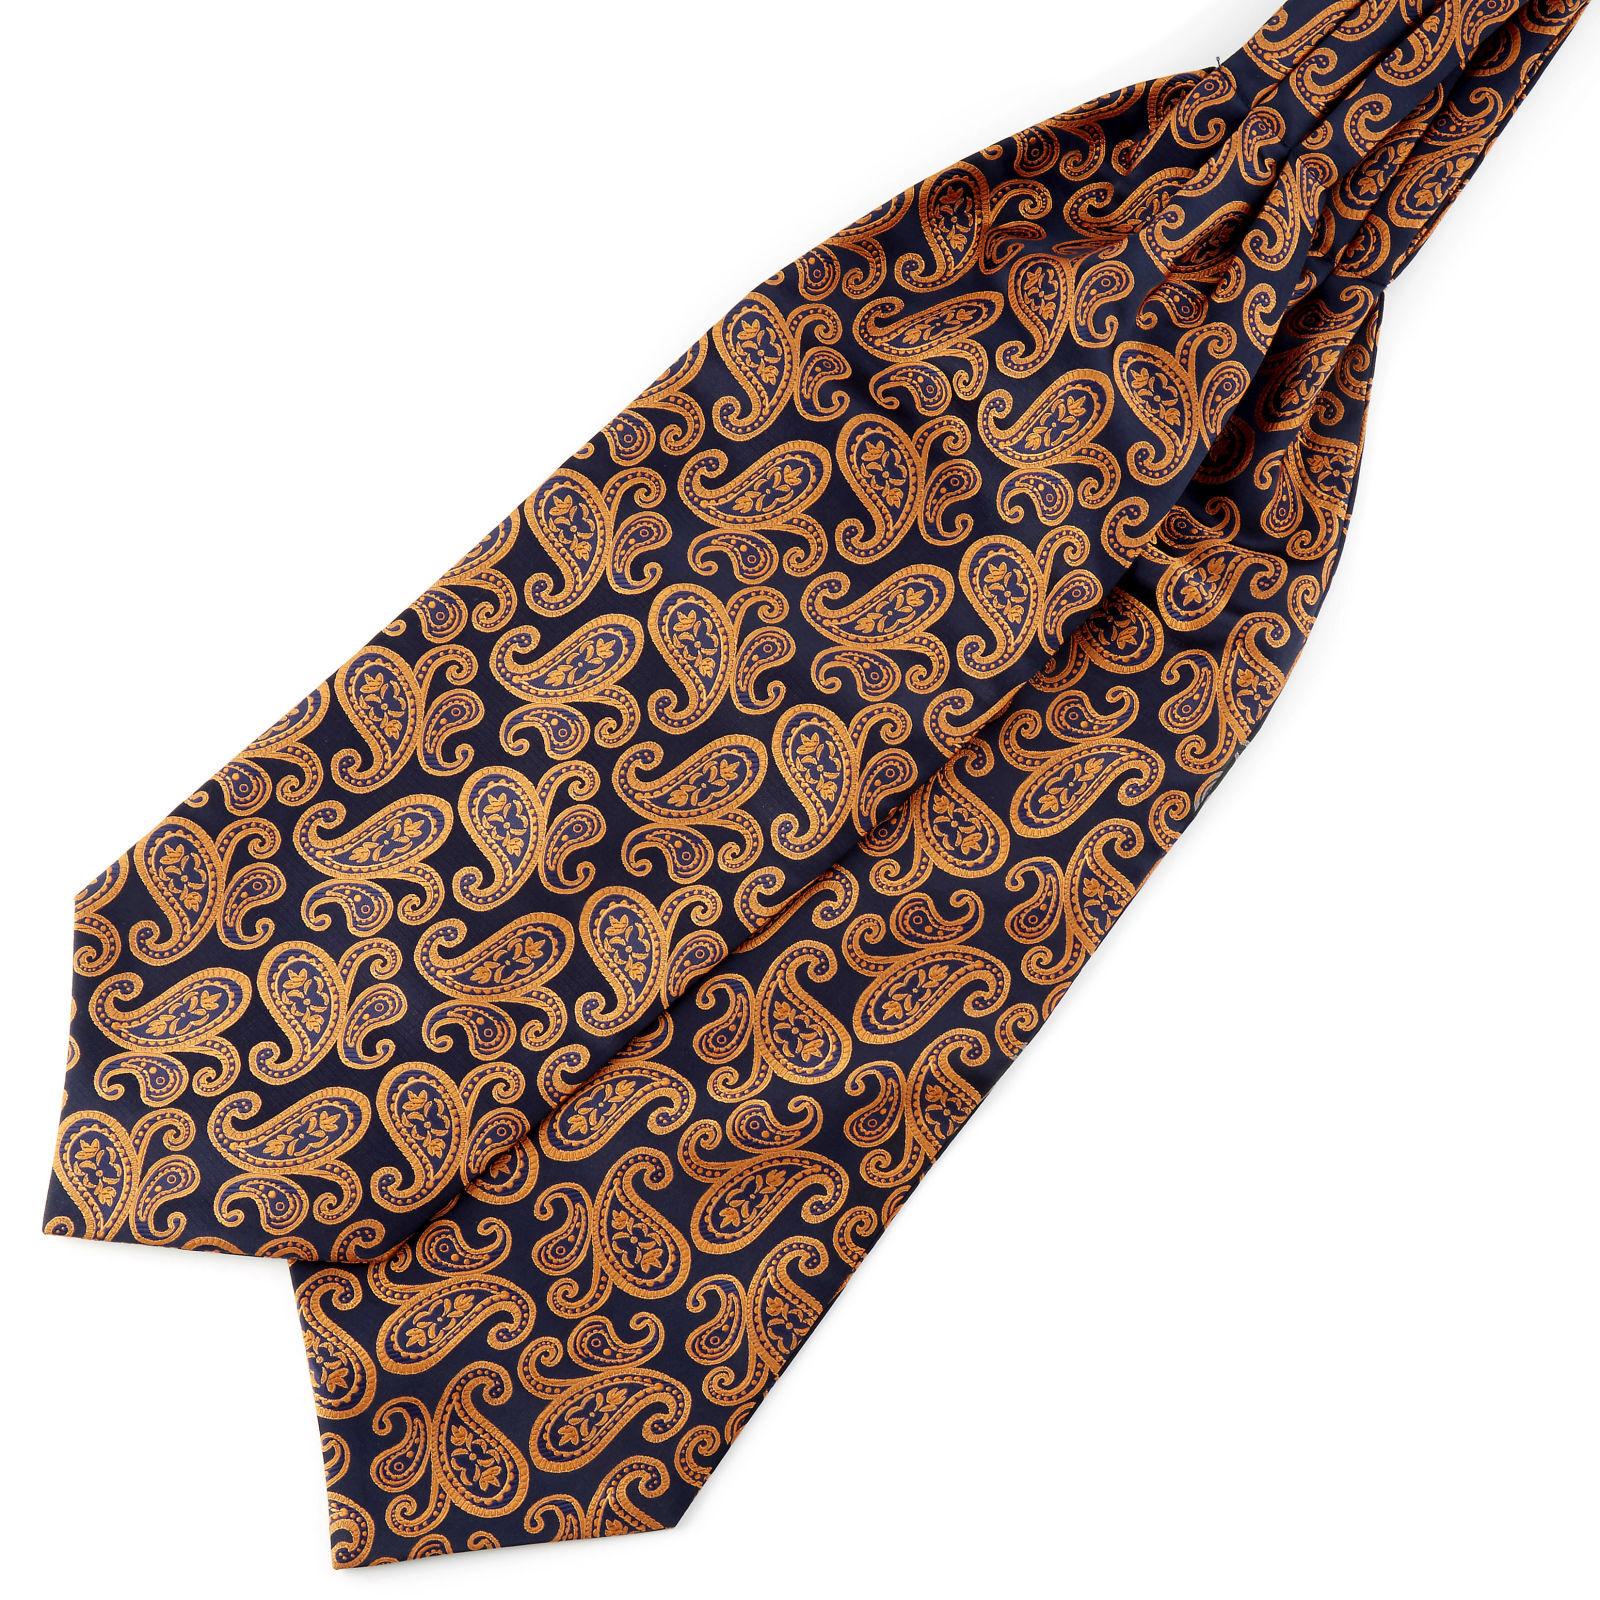 Tailor Toki Laivastonsininen & oranssi kasmirkuvioinen polyesteri ascot-solmio